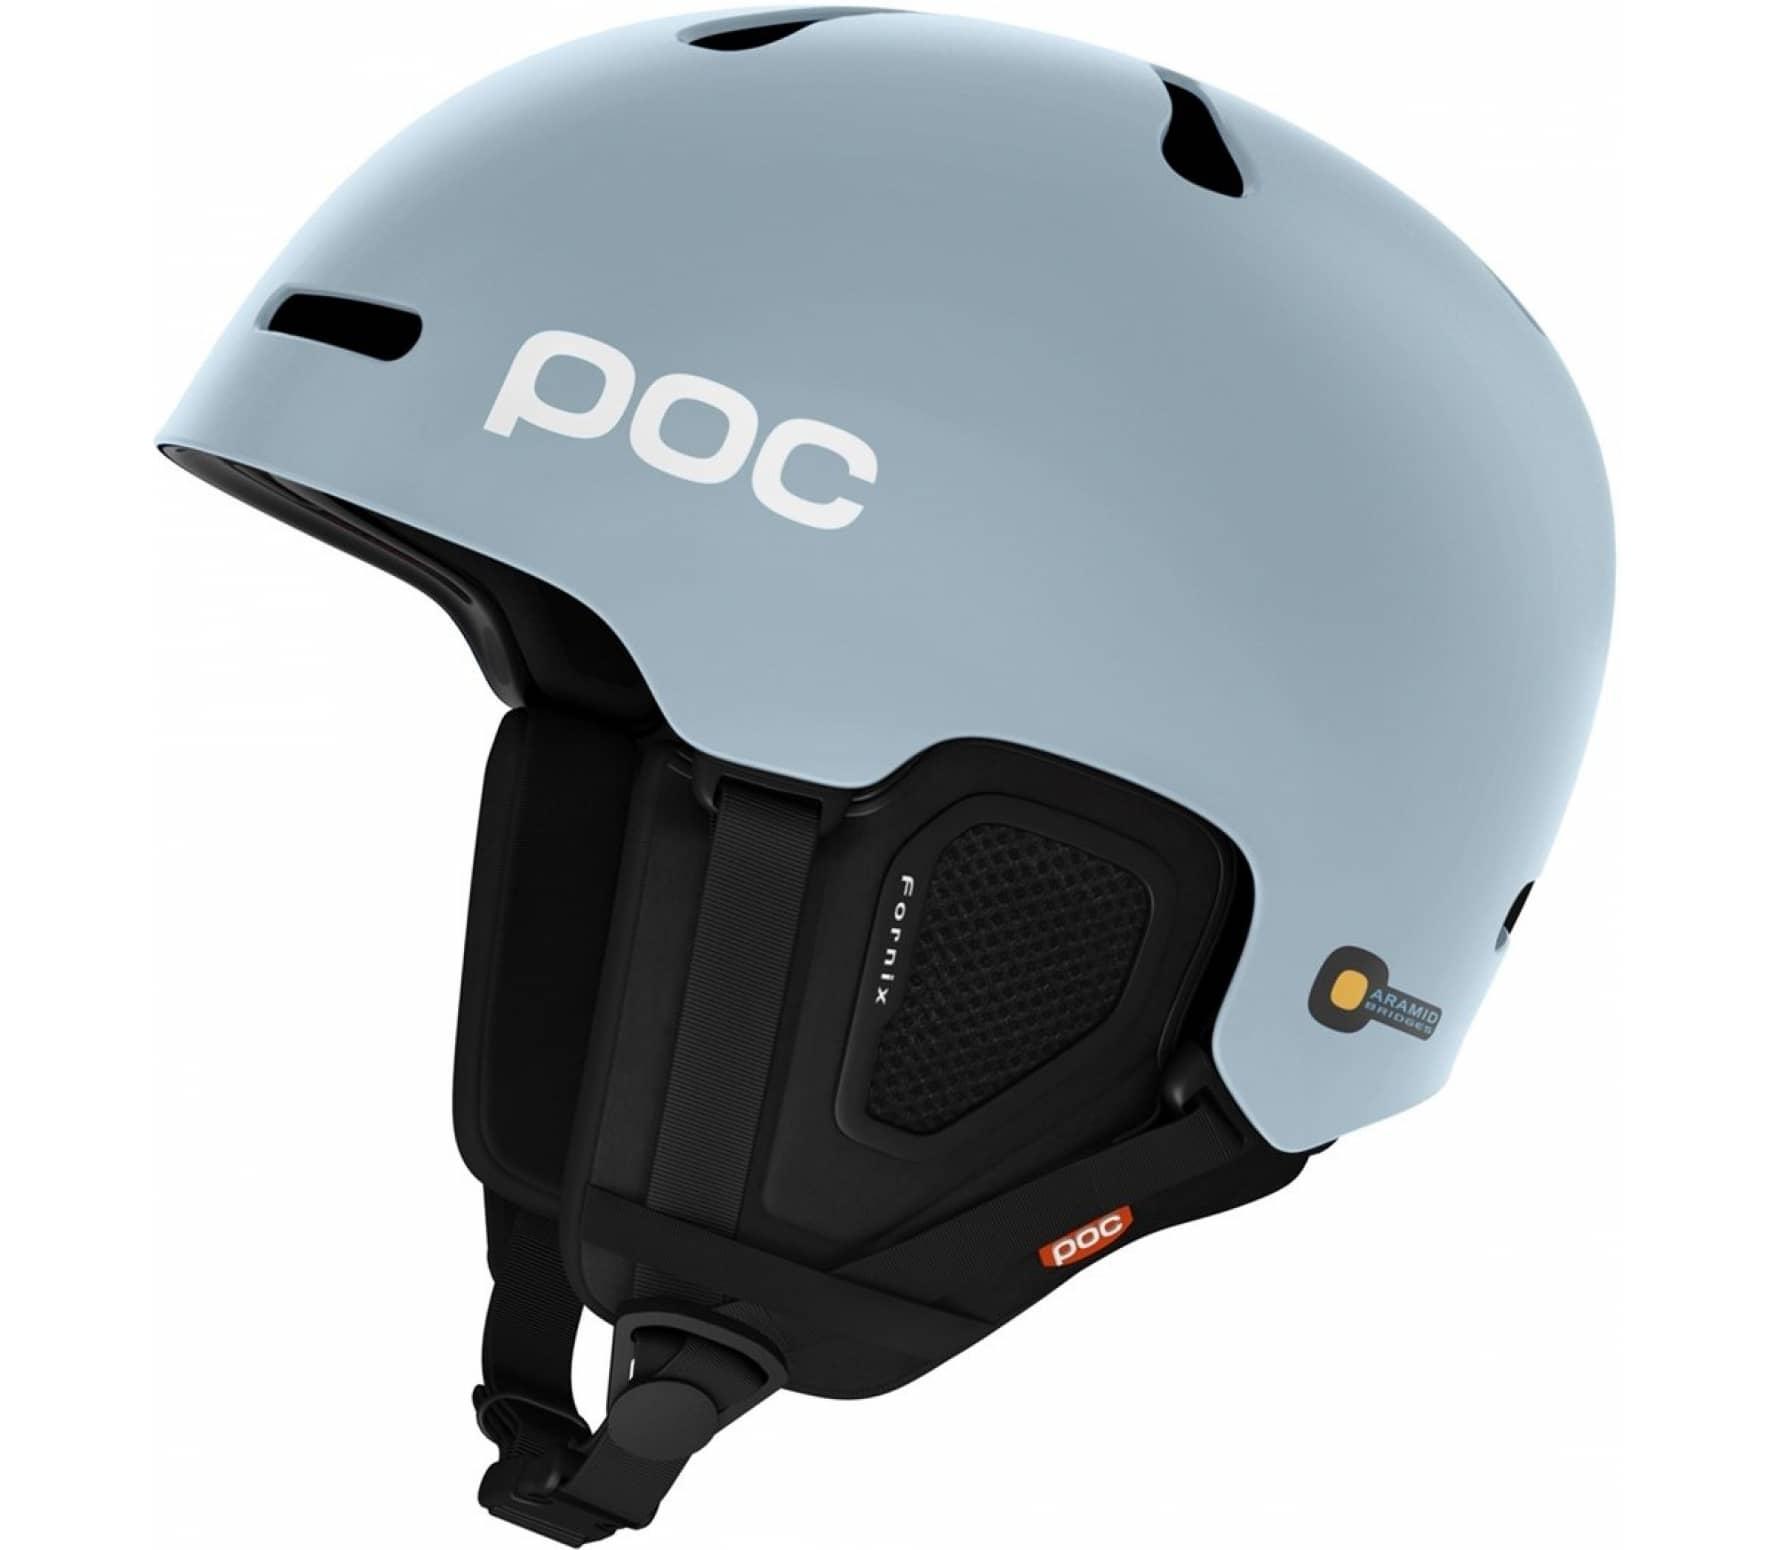 POC - Fornix åka skidor Hjälm (grå) handla online på Keller Sports 912a7c4787959